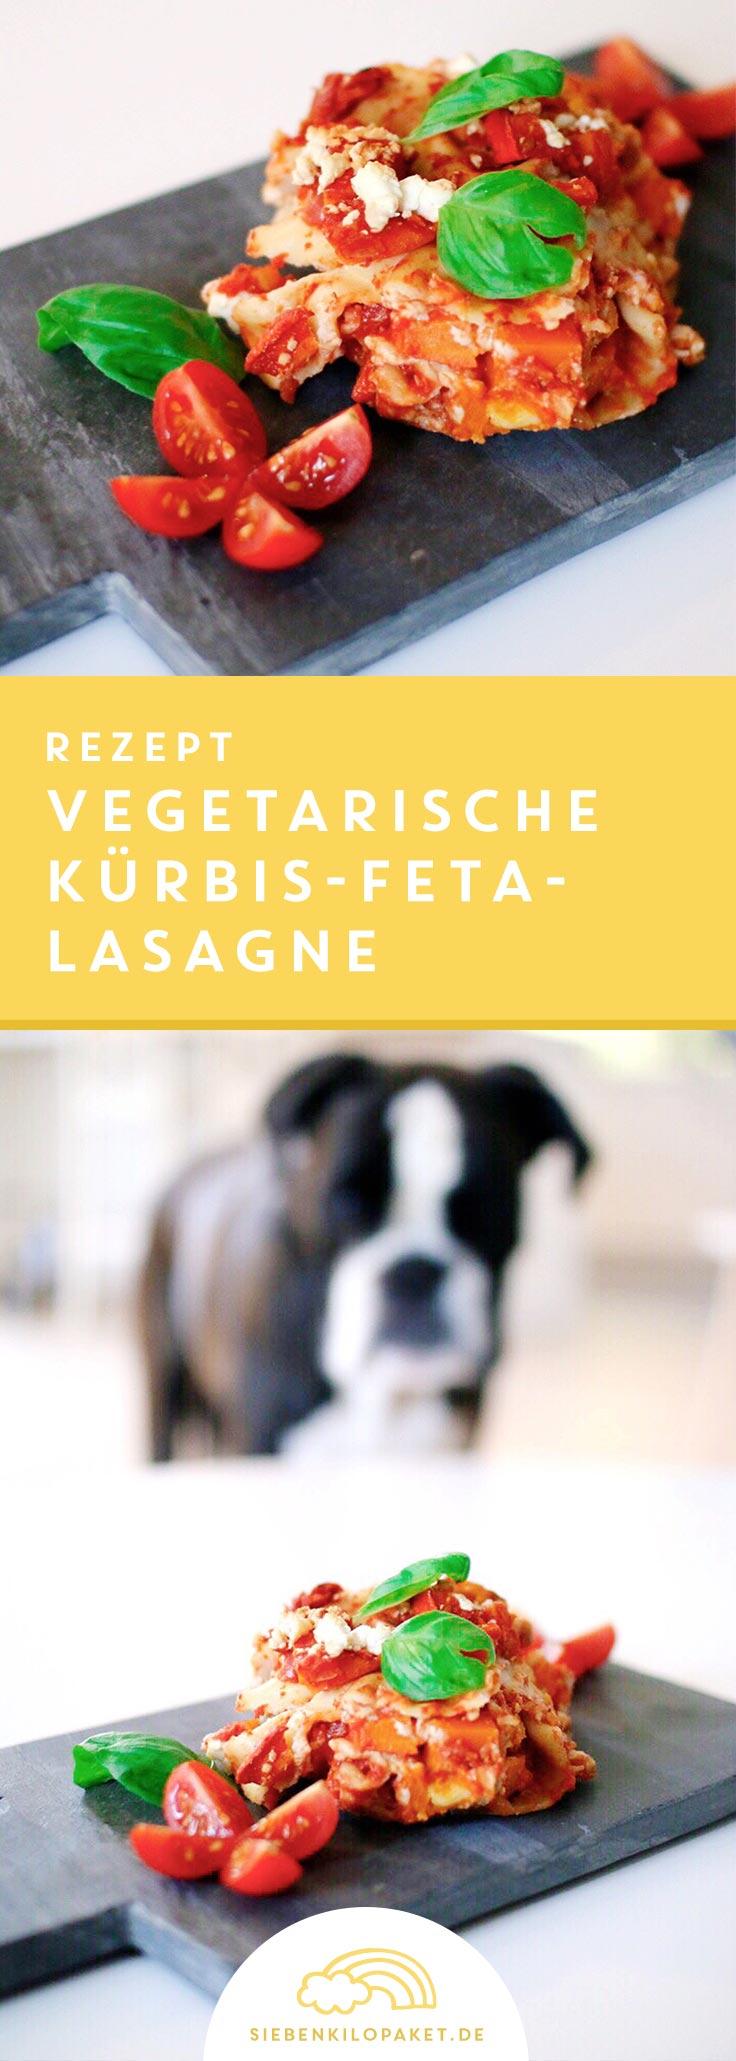 rezept vegetarische k rbis feta lasagne der blog f r. Black Bedroom Furniture Sets. Home Design Ideas